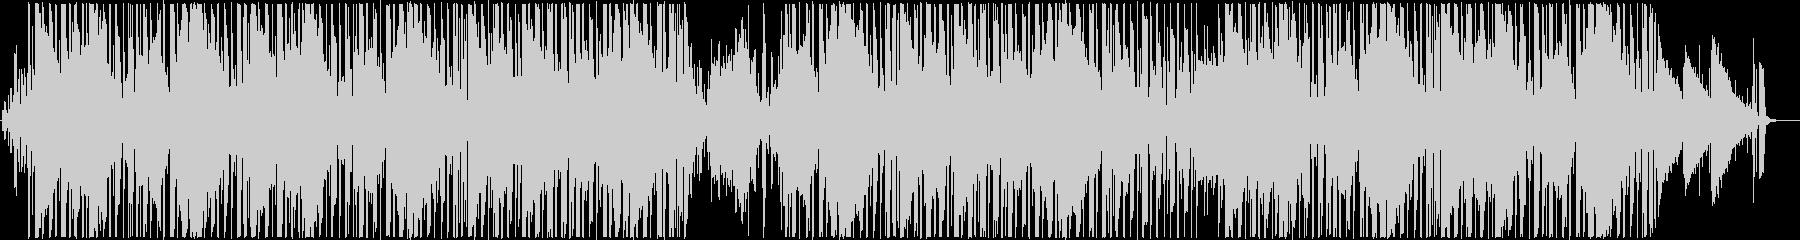 エレピとベースのメロウなヒップホップの未再生の波形